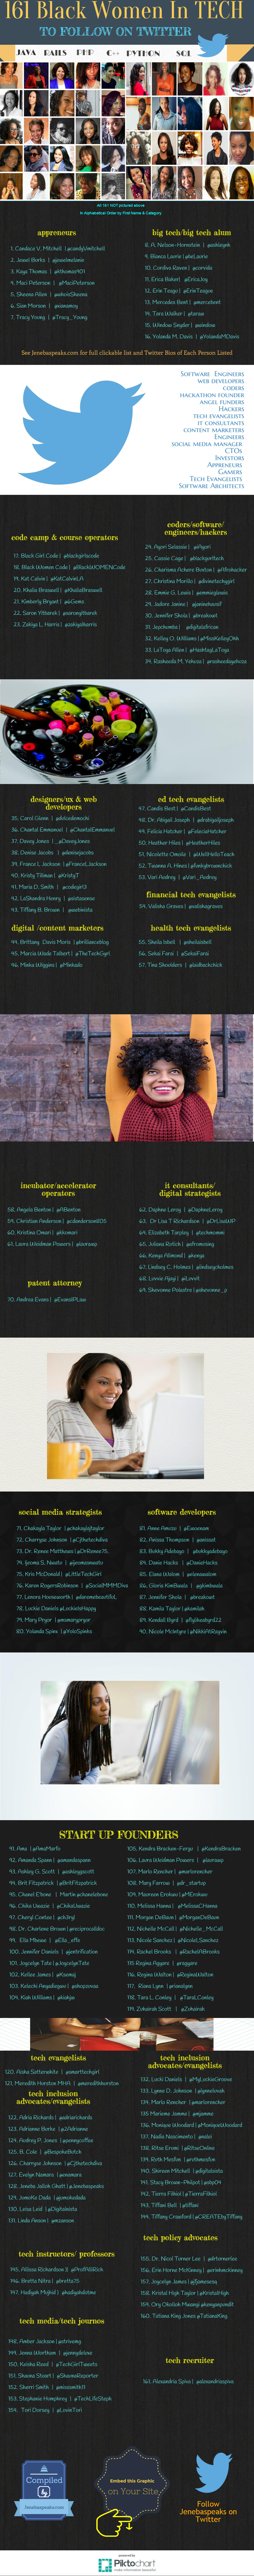 161 Black Women in Tech to Follow on Twitter